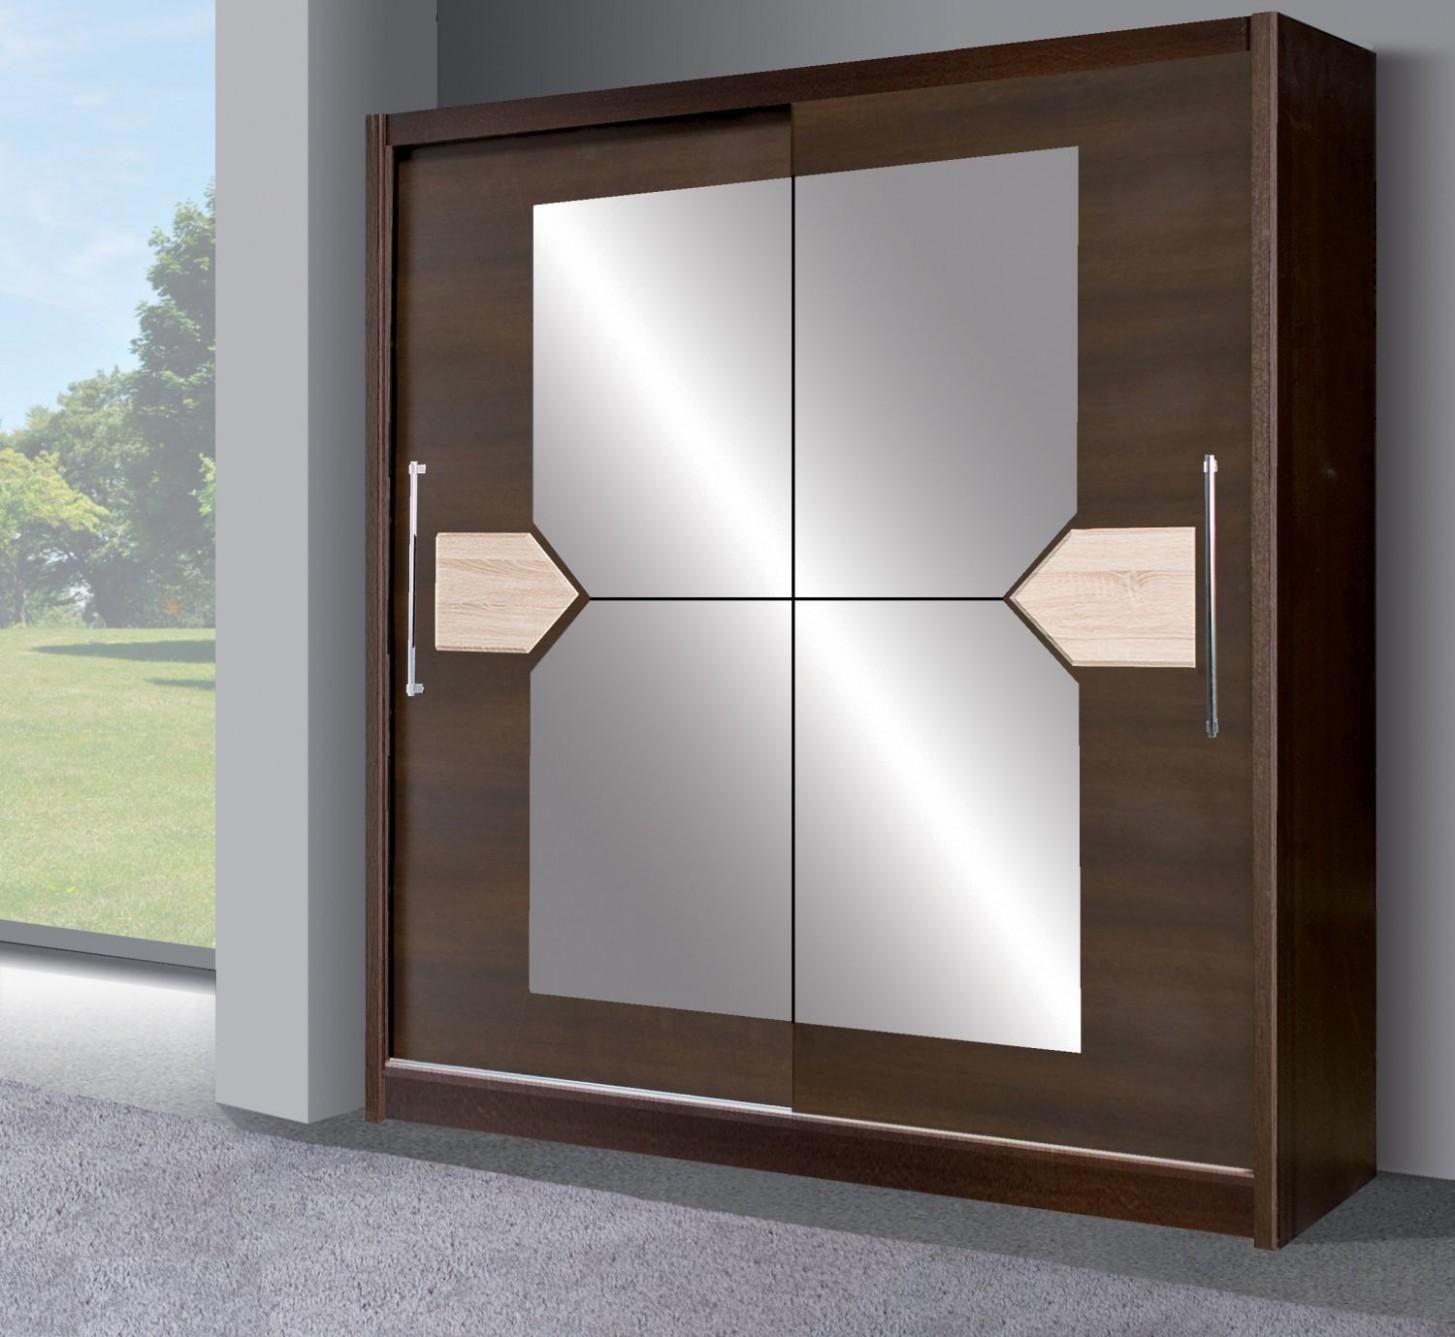 Šatní skříň s posuvnými dveřmi Donzel 54